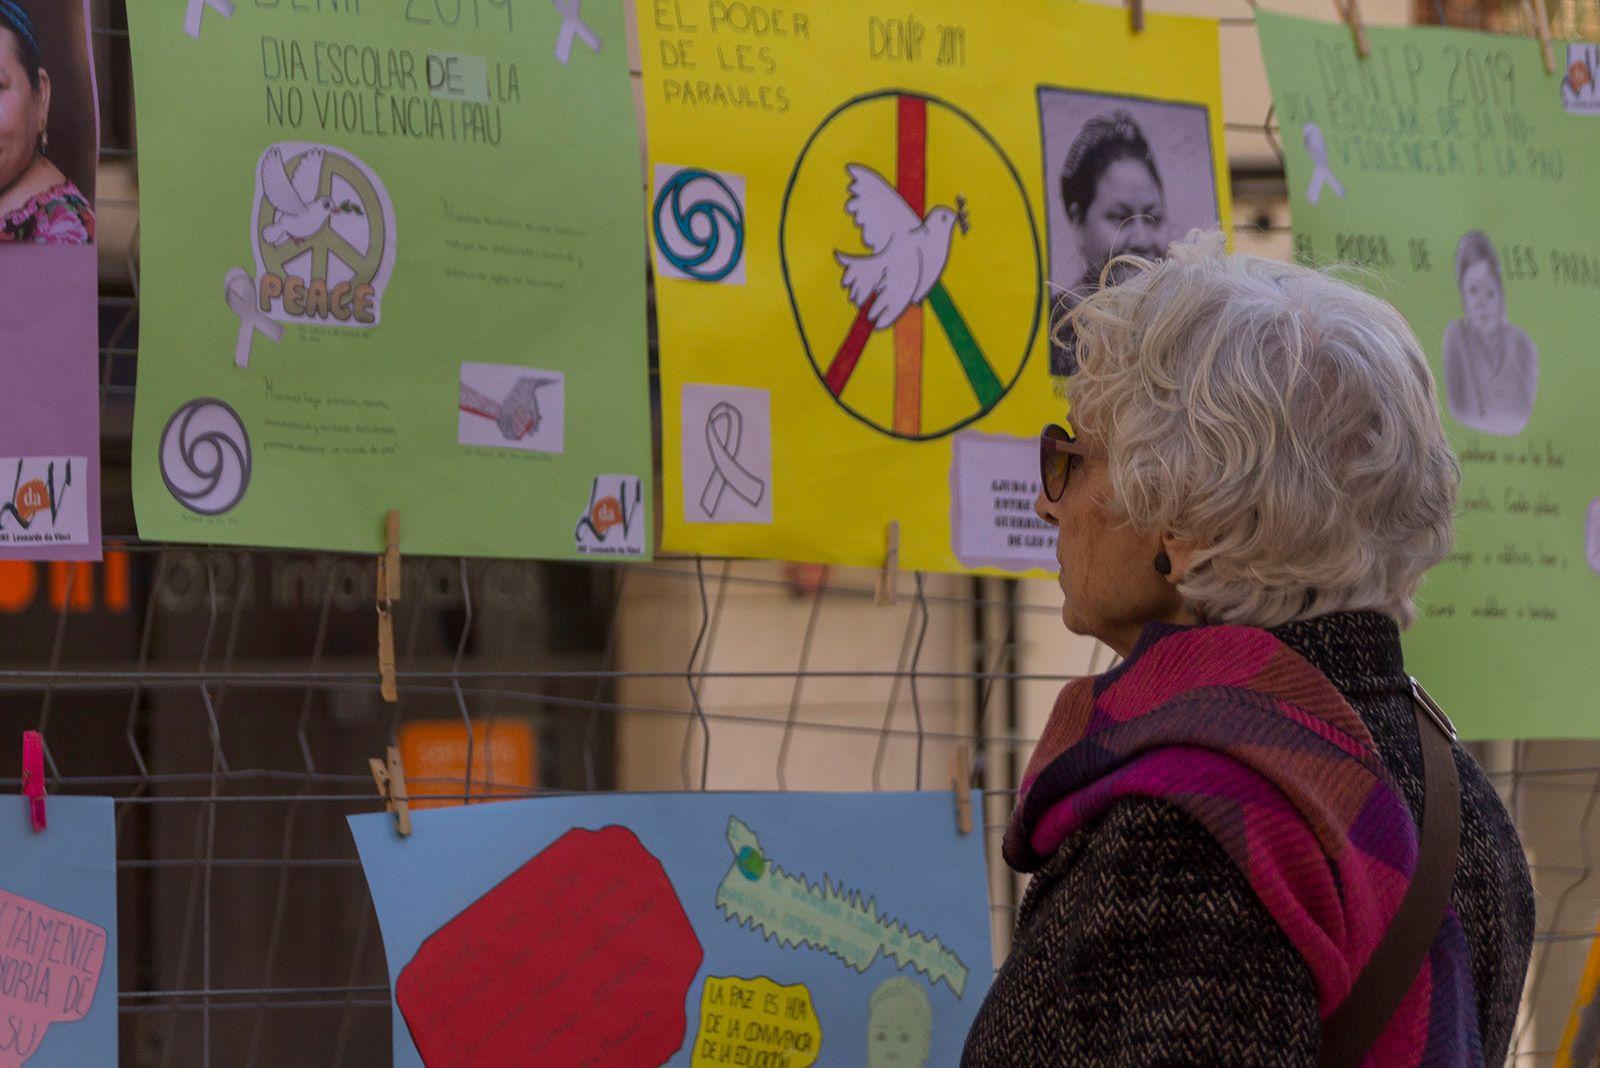 Dia escolar de la No violència a la Plaça Magí Bartralot. FOTO: Paula Galván